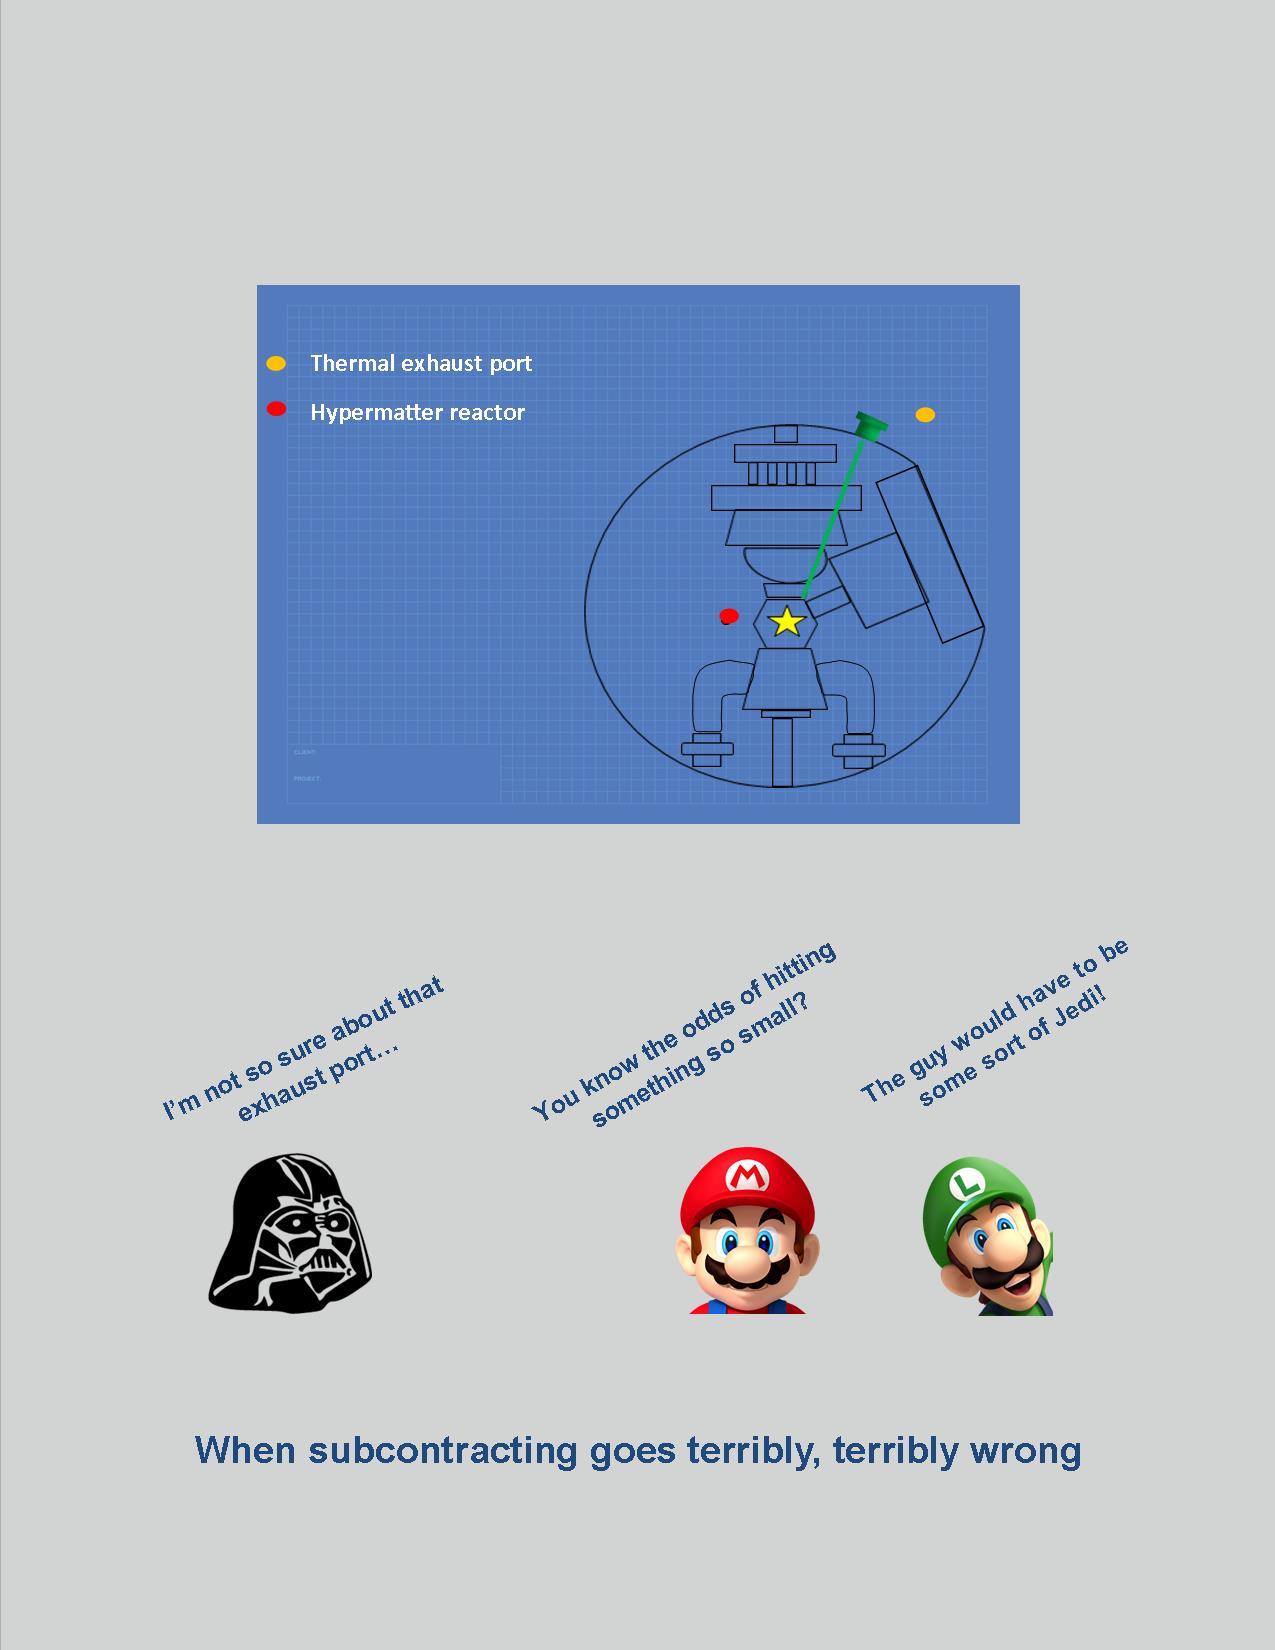 Mario Bros Subcontracting